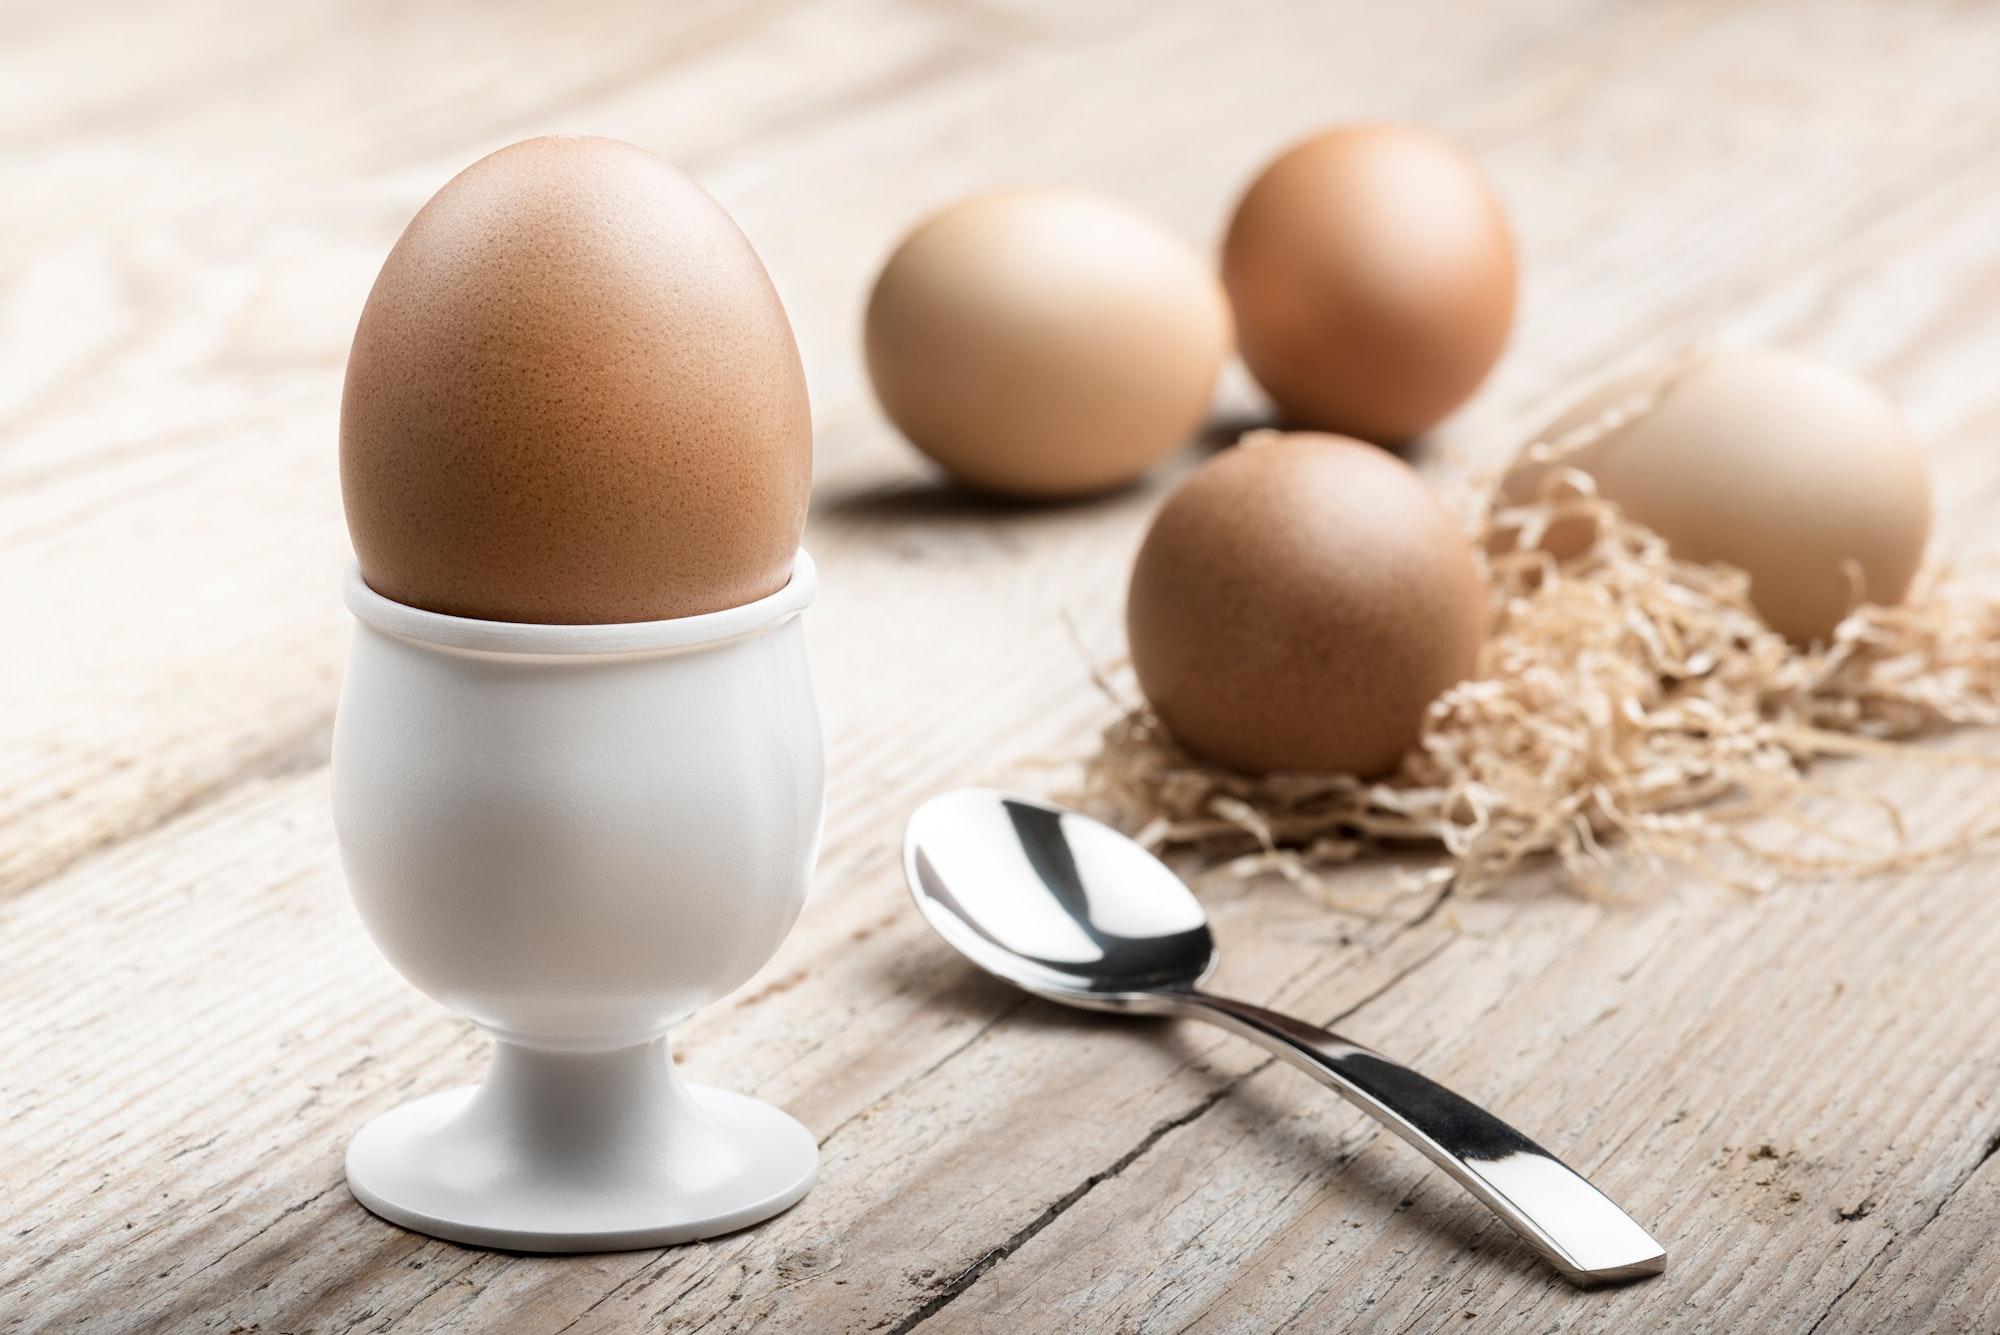 Sudah Resmi, Telur Tak Perlu Dihindari!